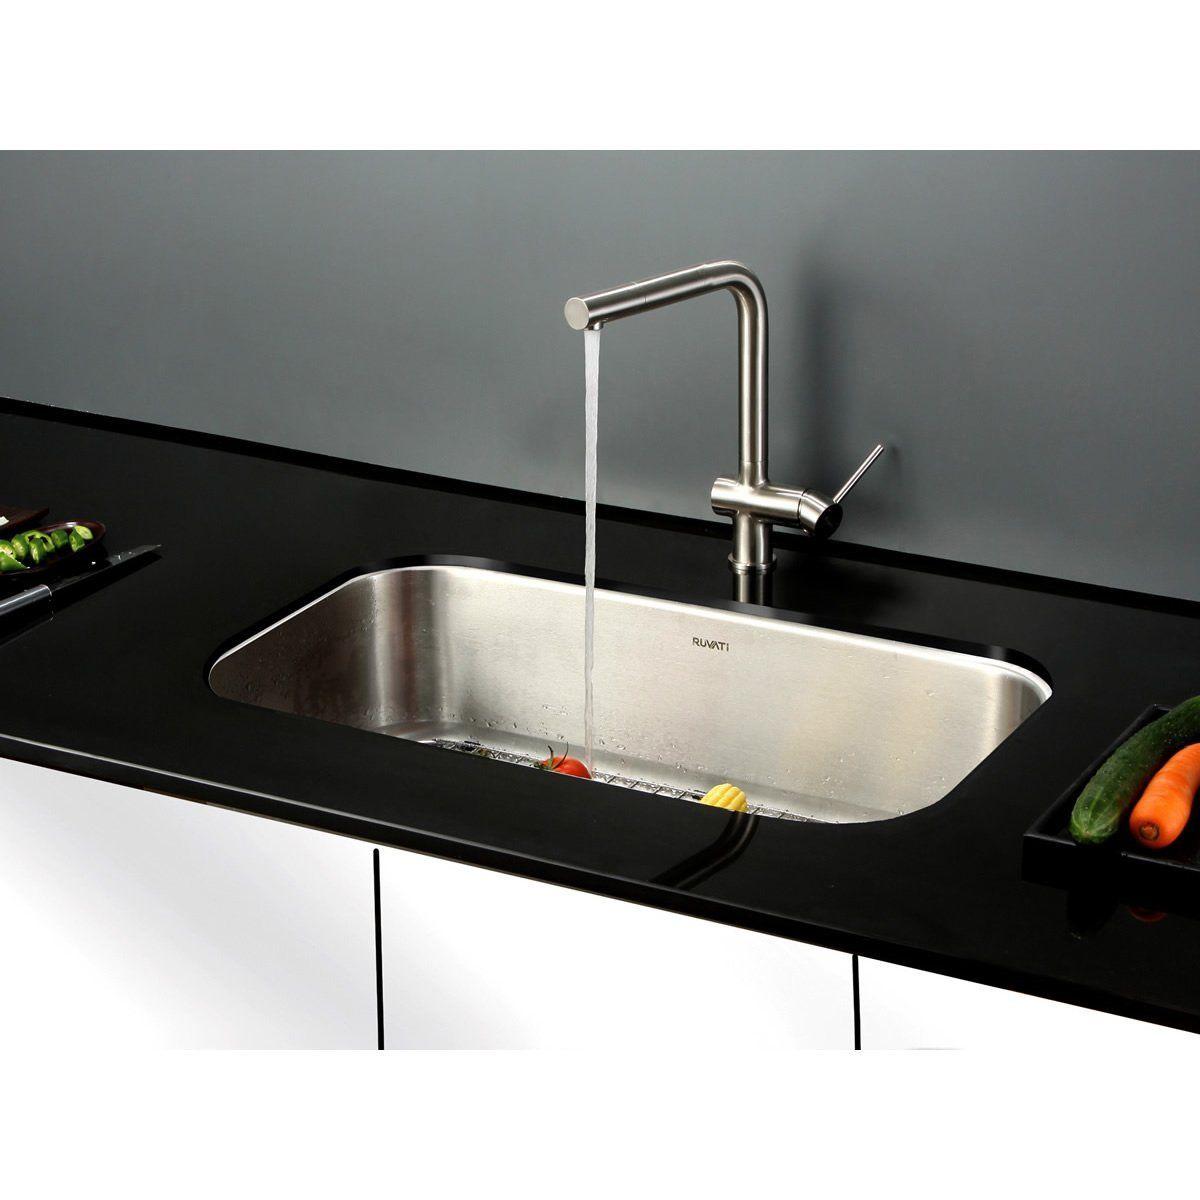 Ruvati Rvm4200 Undermount 16 Gauge 32 Kitchen Sink Single Bowl Stainless Steel Undermount Kitchen Sinks Single Bowl Kitchen Sink Sink